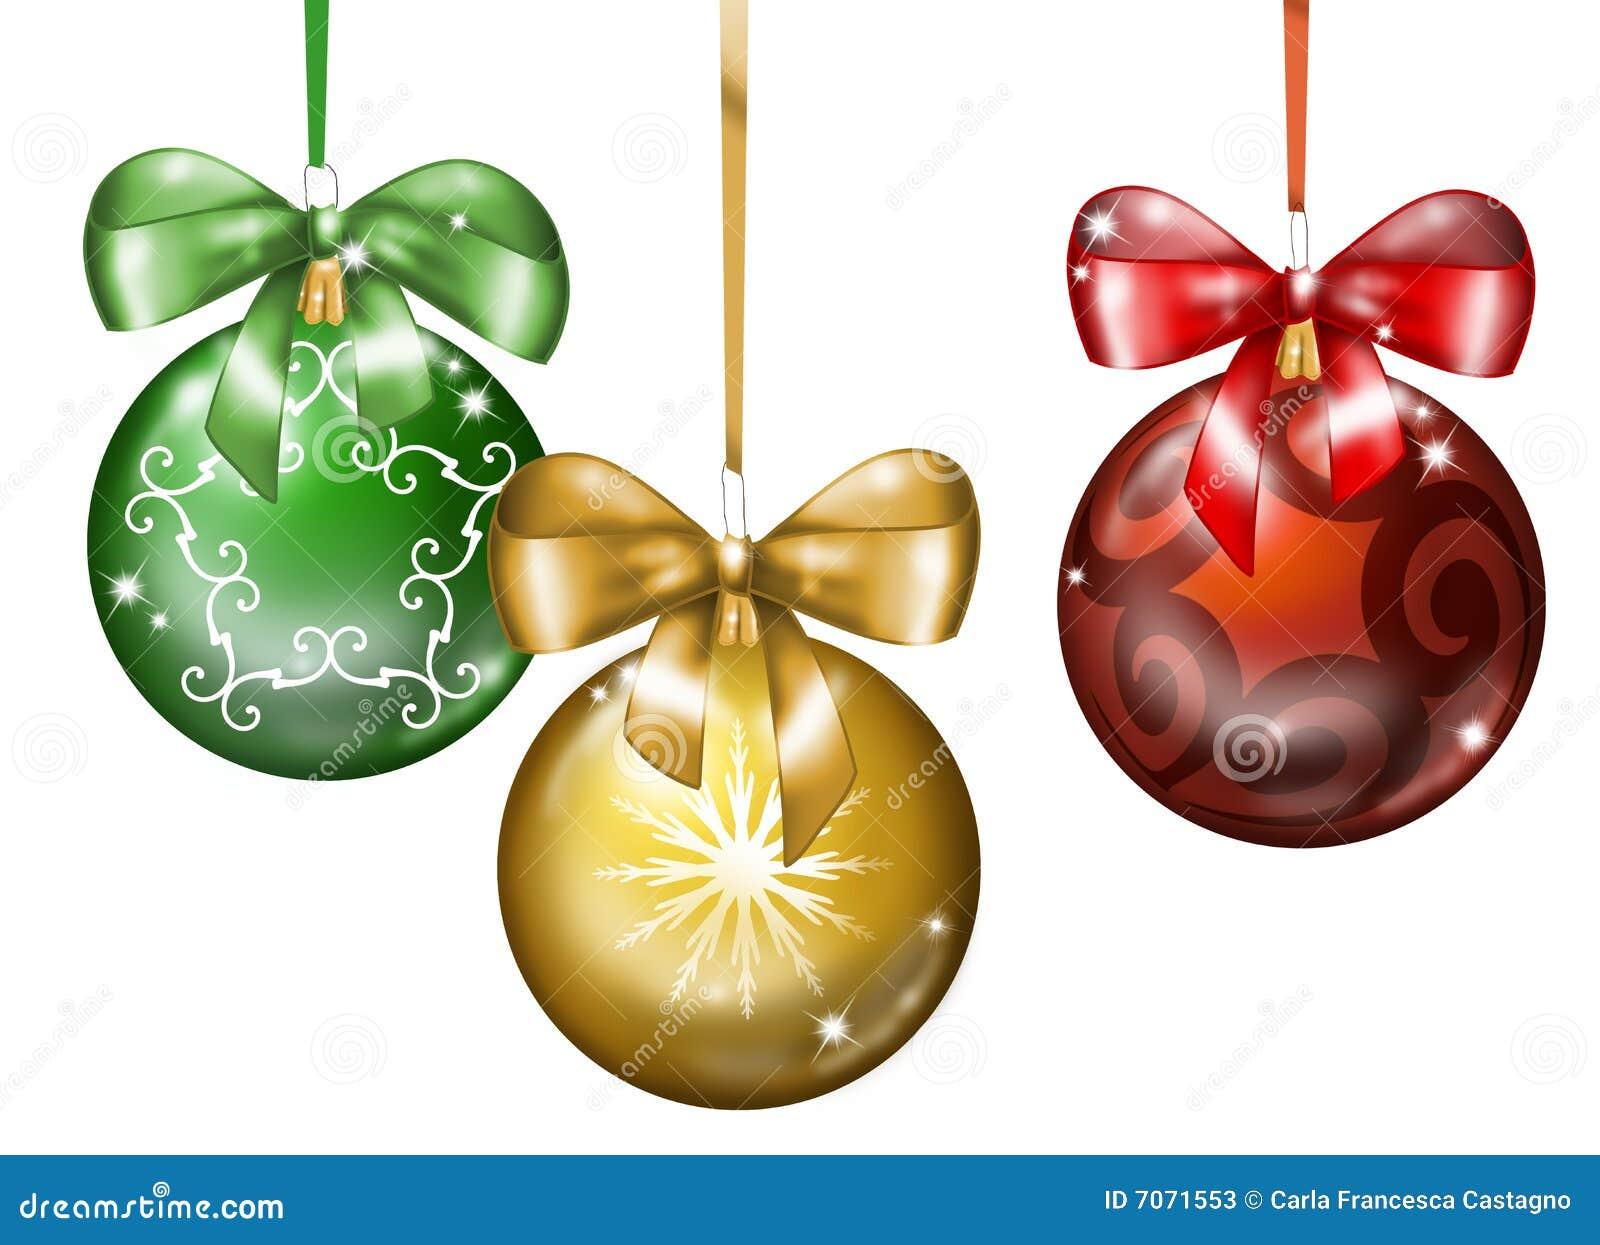 Three christmas balls stock photos image 7071553 for Ball balls christmas decoration